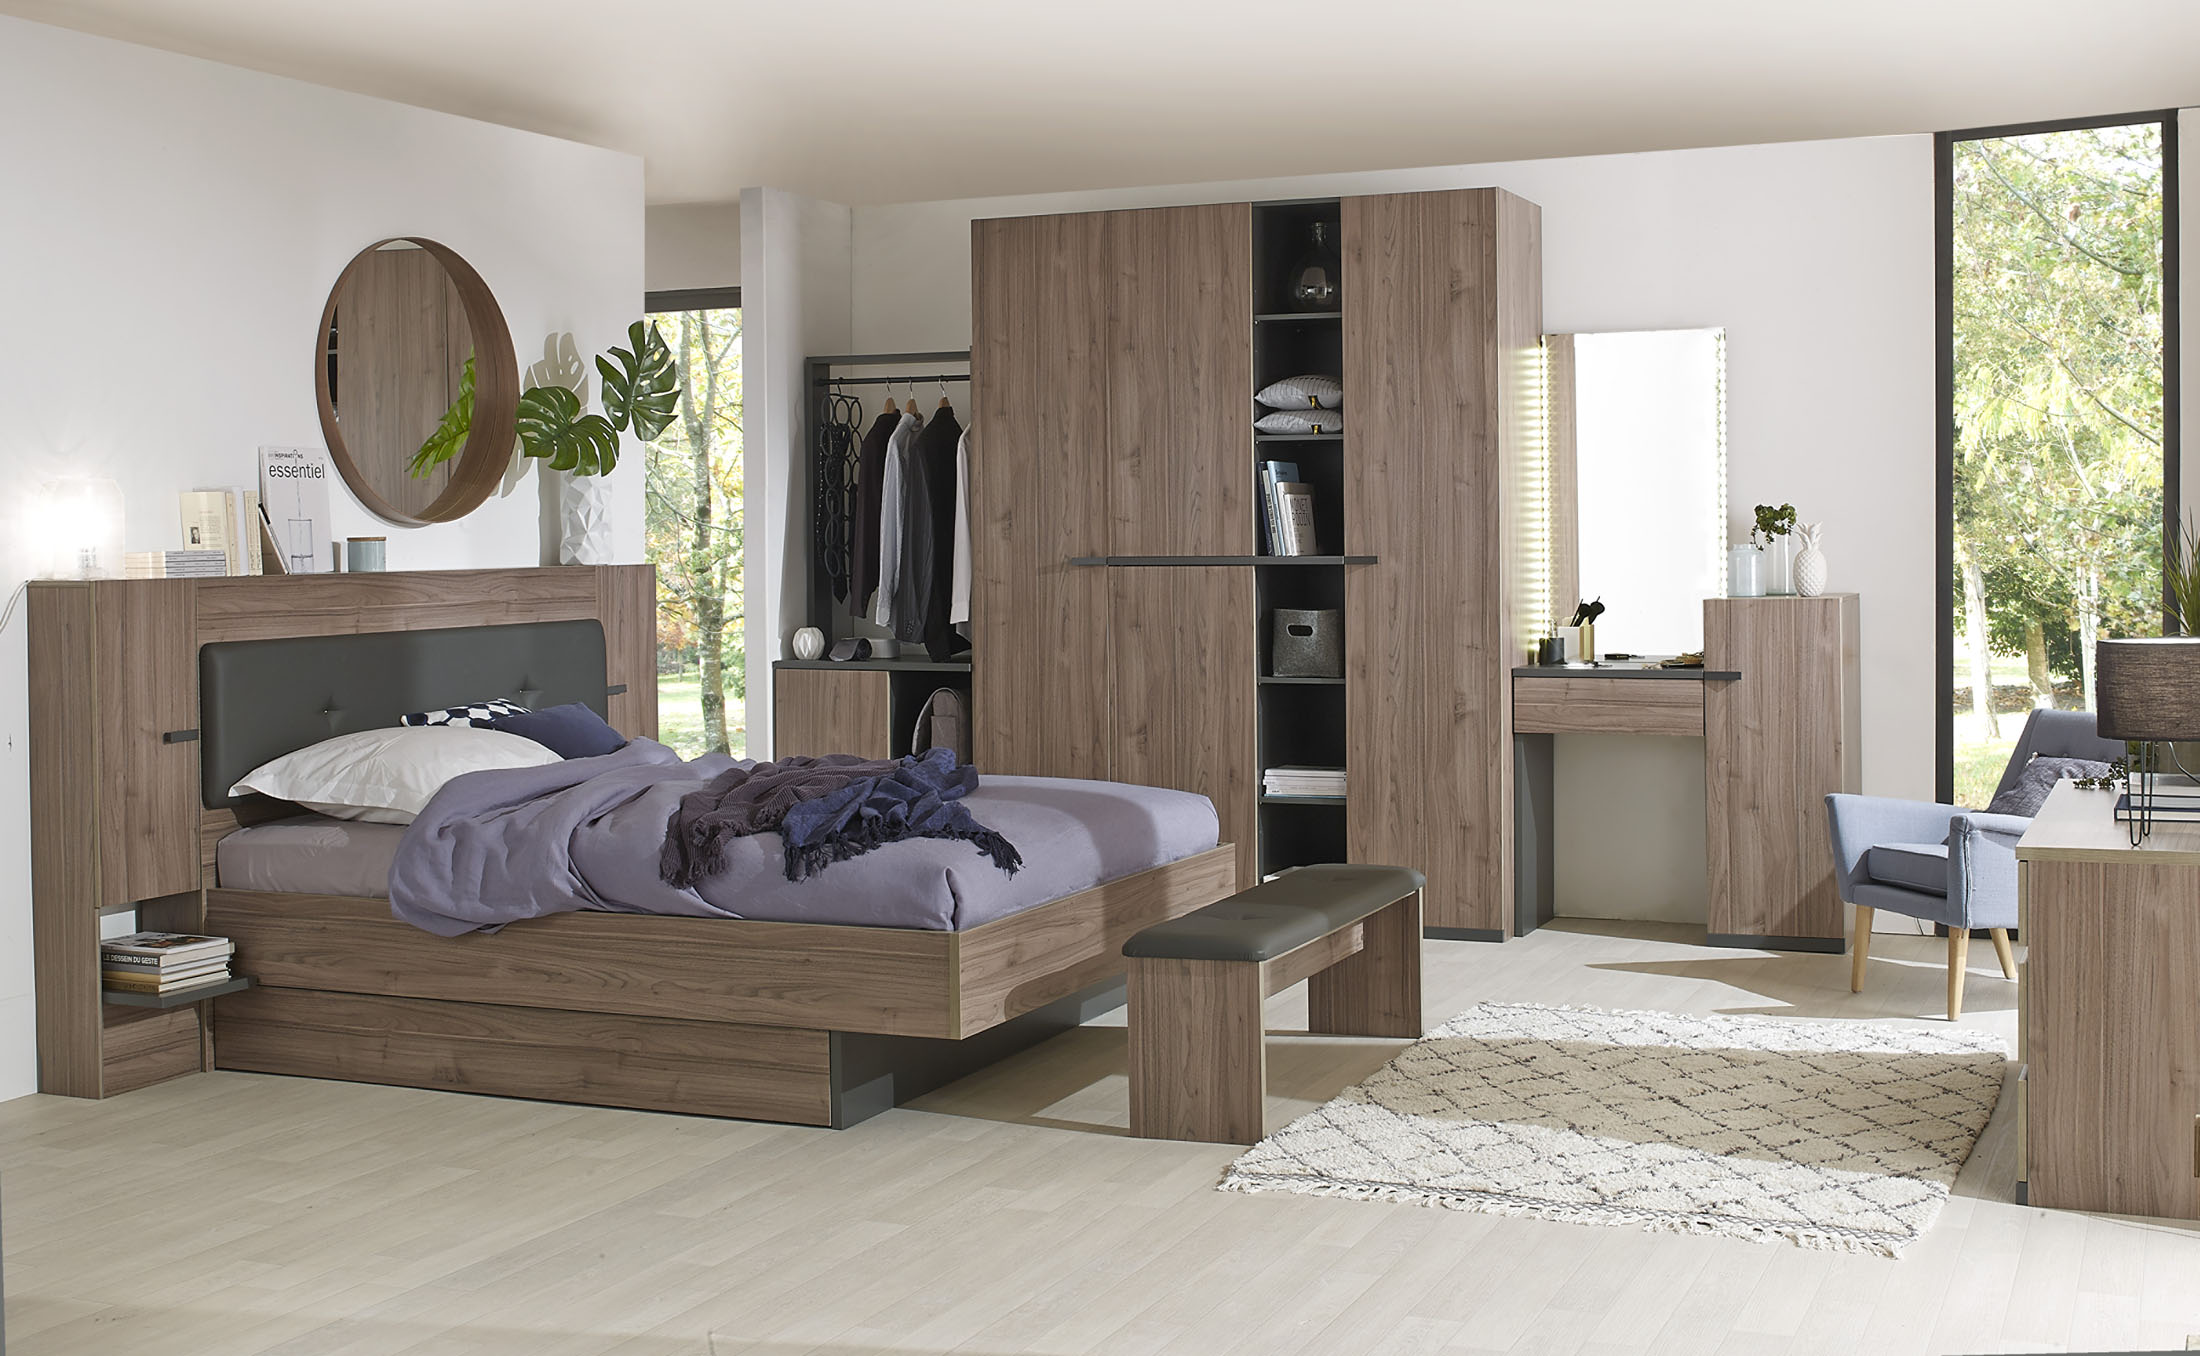 ambiance photo - réalisation d'une ambiance de chambre avec lit, armoire et commode